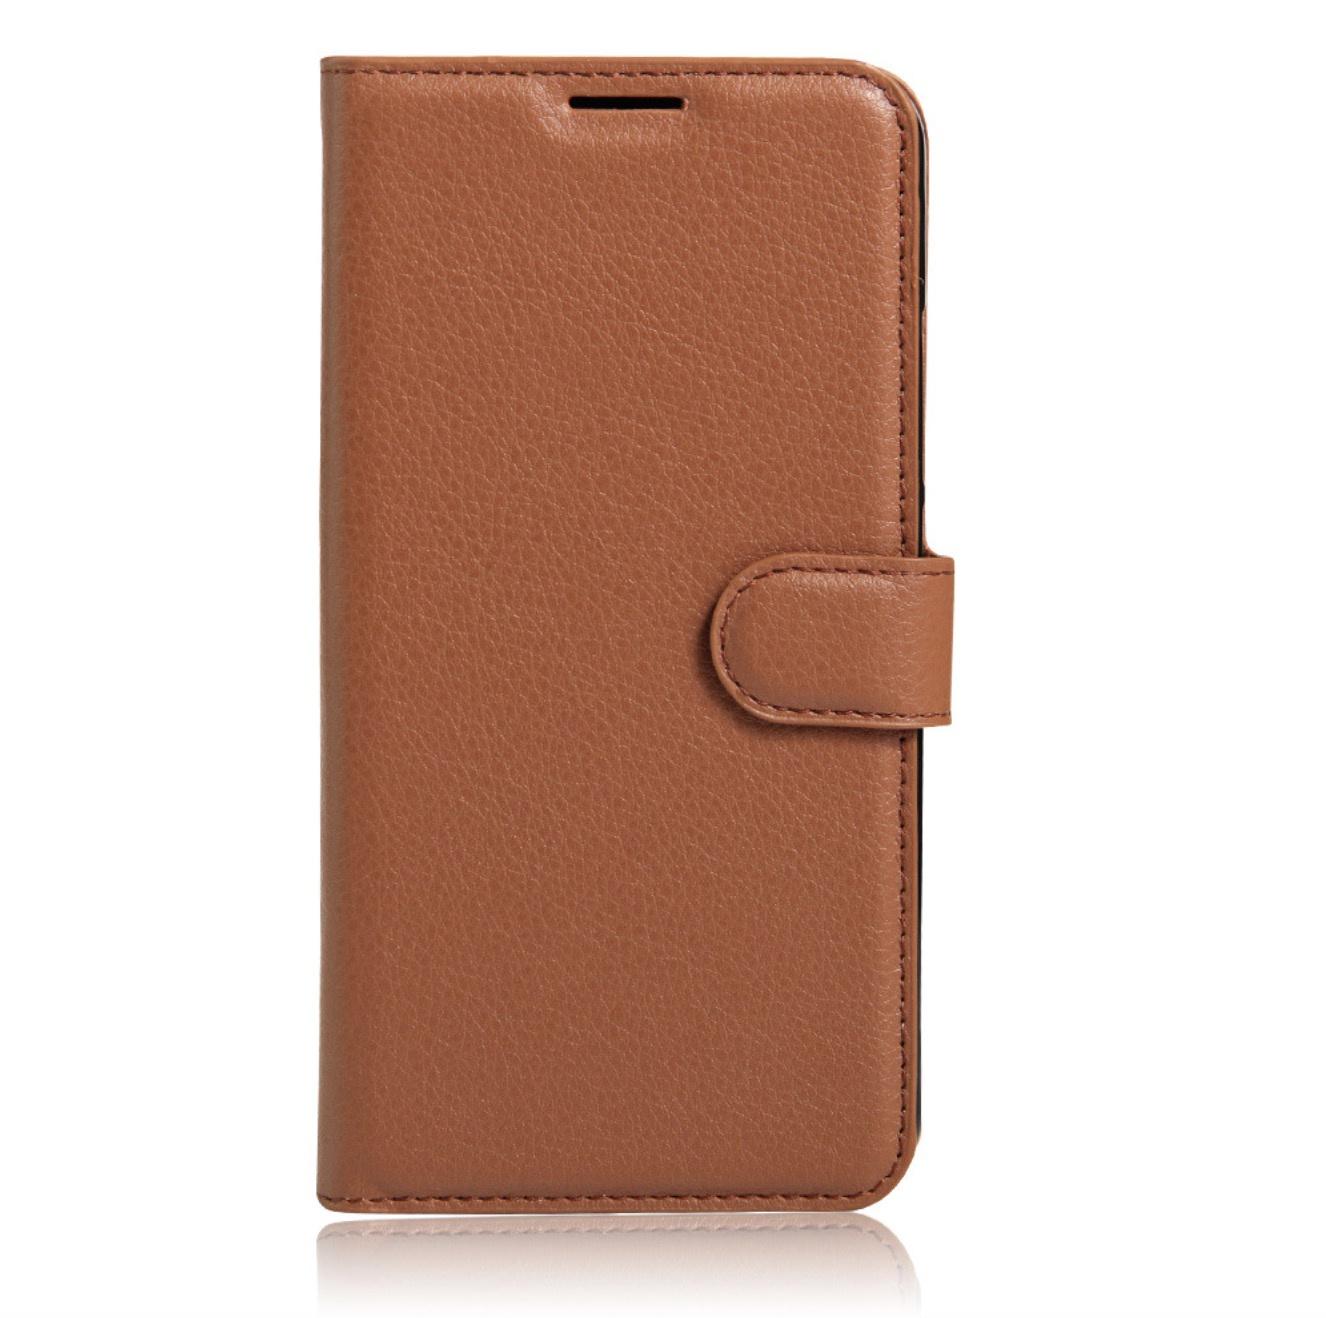 Чехол MyPads для Huawei Honor 4A с мульти-подставкой застёжкой и визитницей коричневый